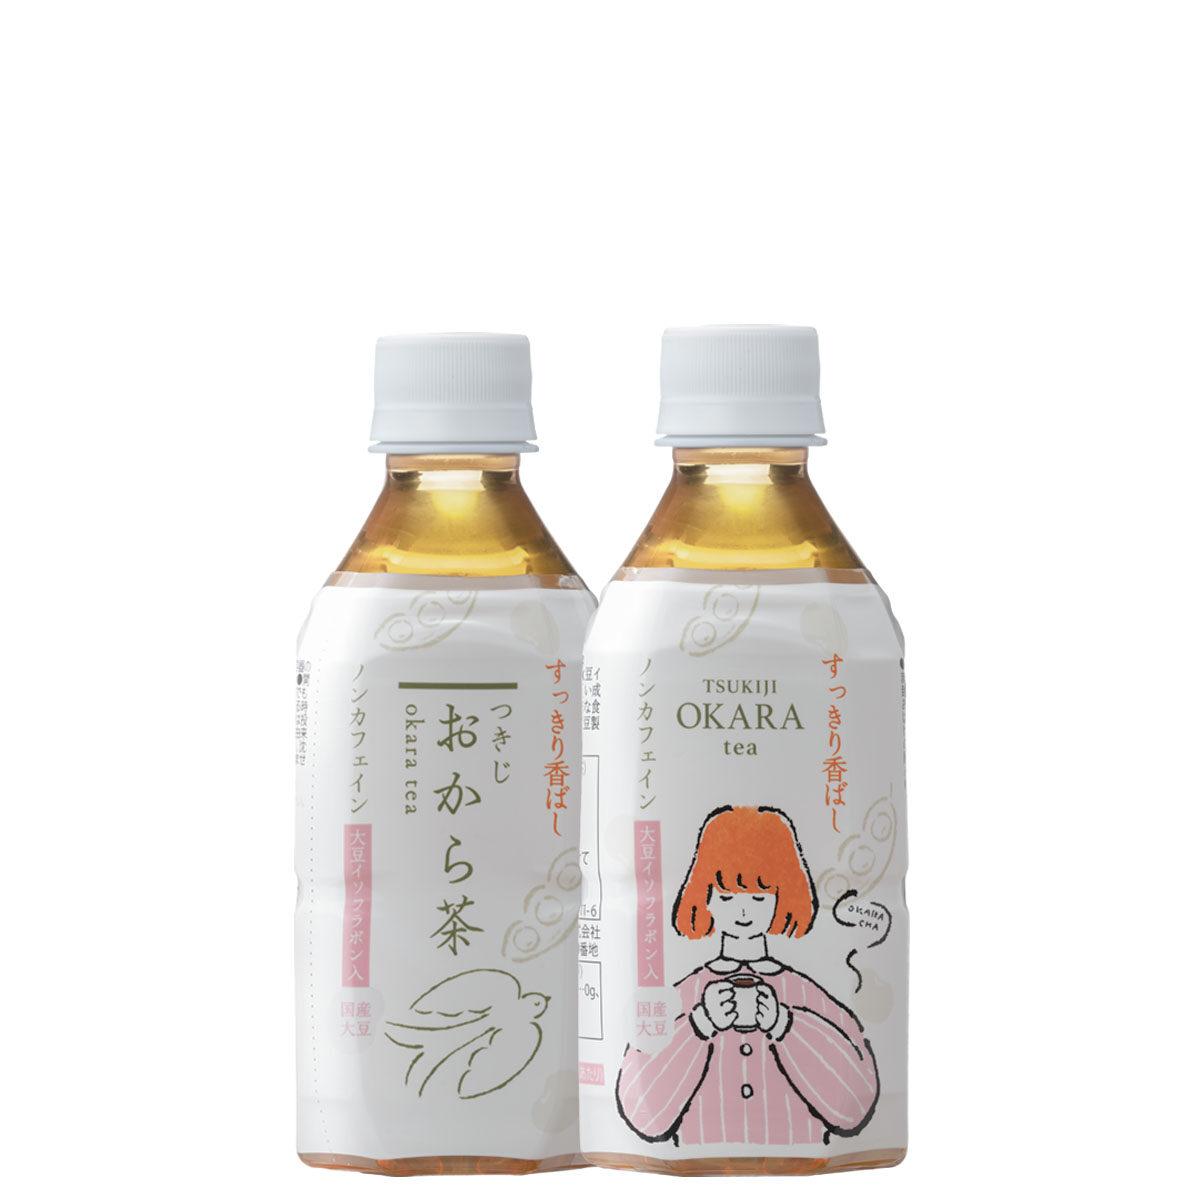 つきじおから茶|350mlペットボトル